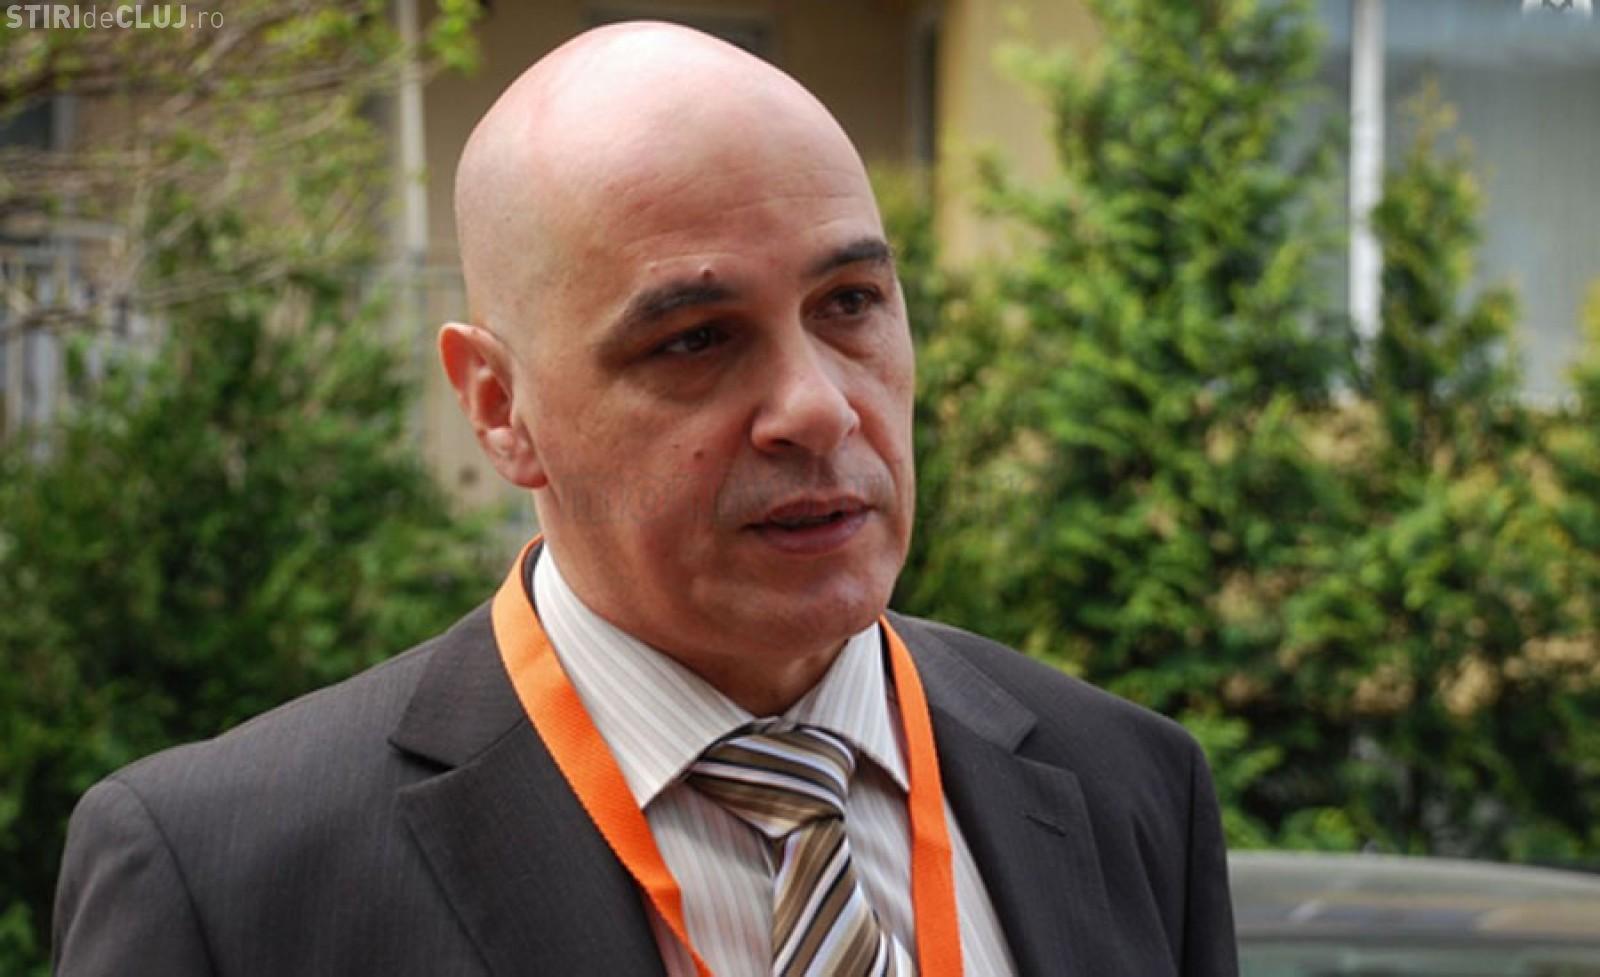 Profesorul clujean Ioan Ștefan Florian, primul neurochirurg român în top 5 mondial